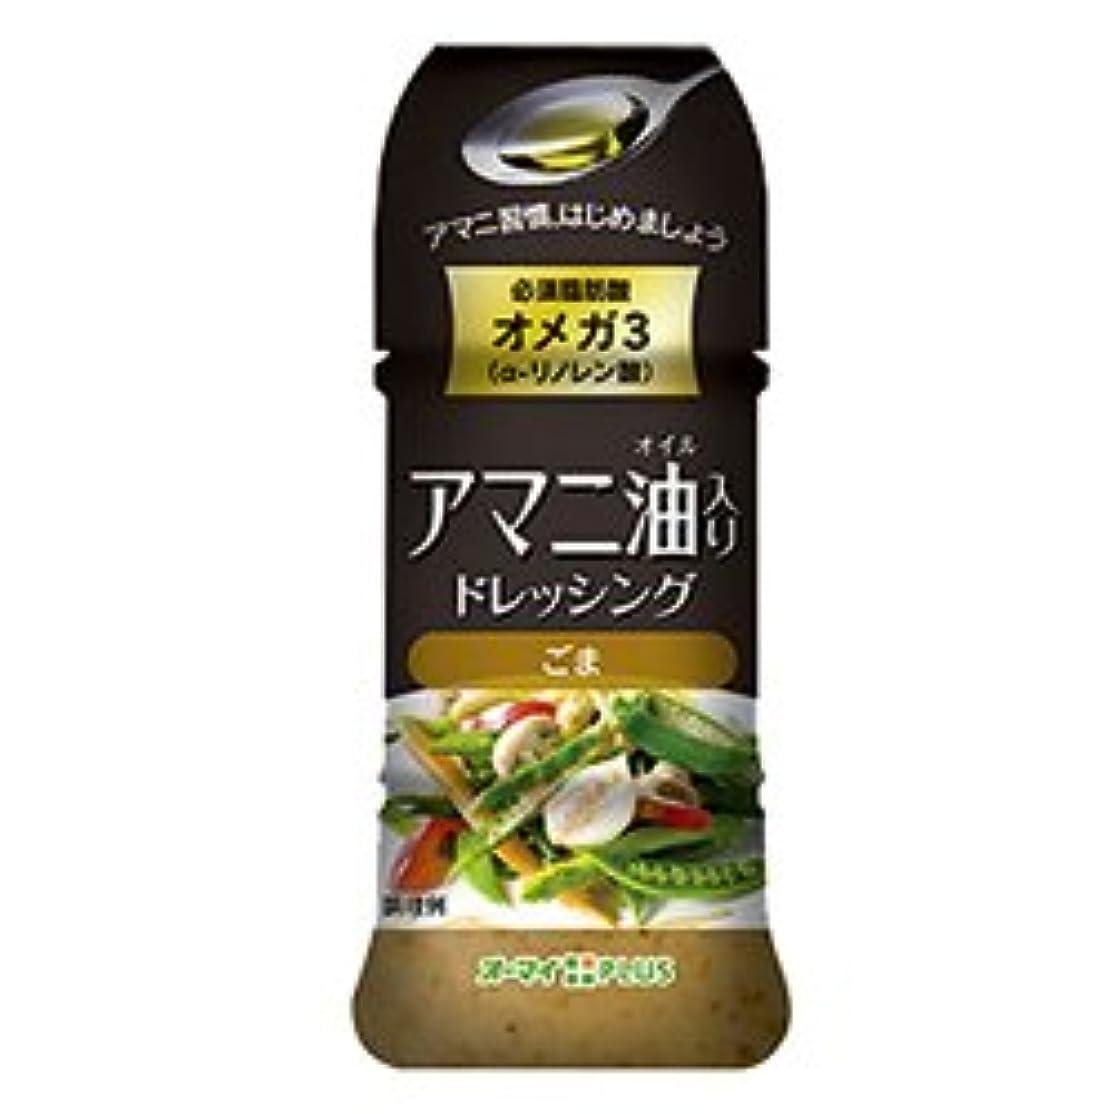 センチメンタルステープル説得アマニ油ドレッシング ごま【5本セット】日本製粉